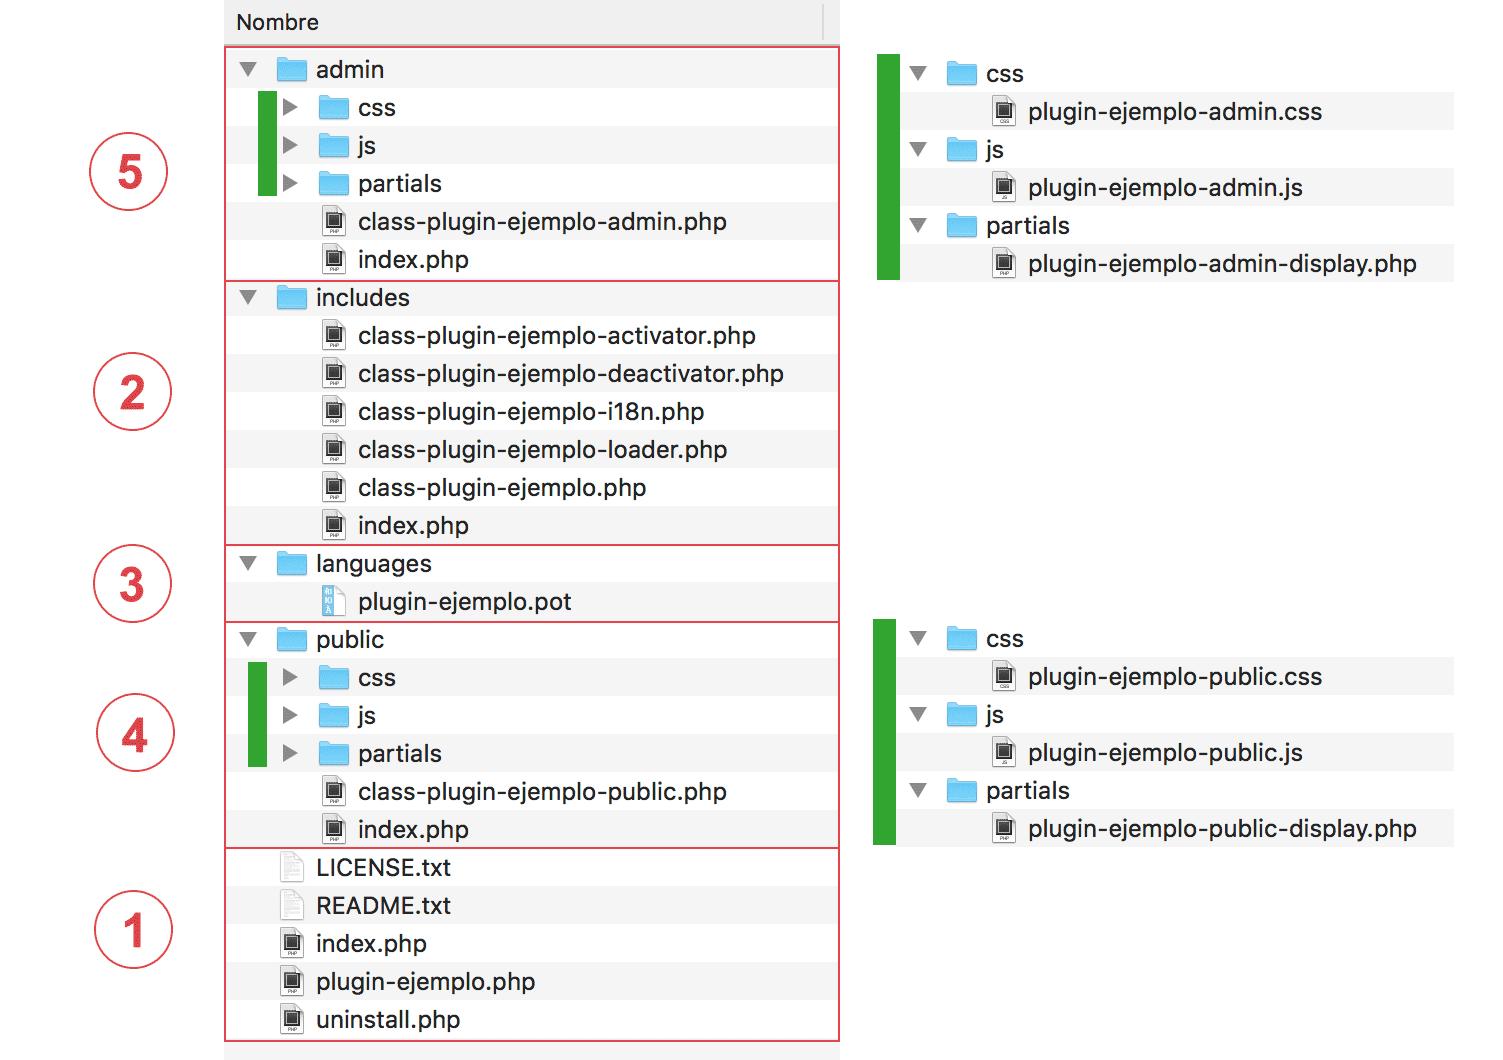 Estructura de archivos y carpetas del plugin base